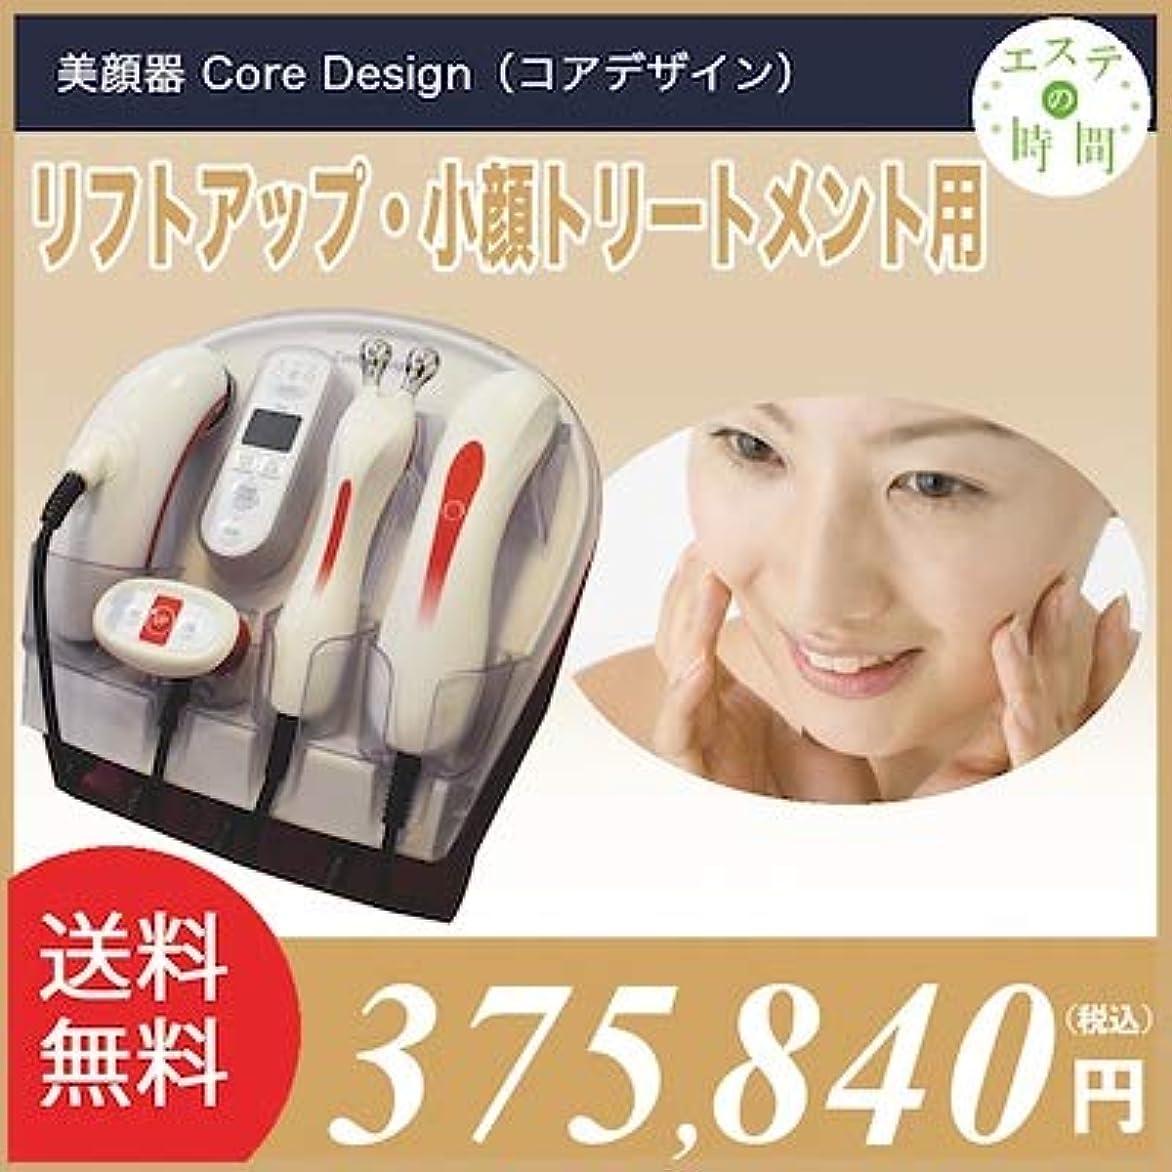 運ぶ一生ストローク日本製 エステ業務用 美顔器 Core Design (コアデザイン)/ 全国どこでも無償納品研修付